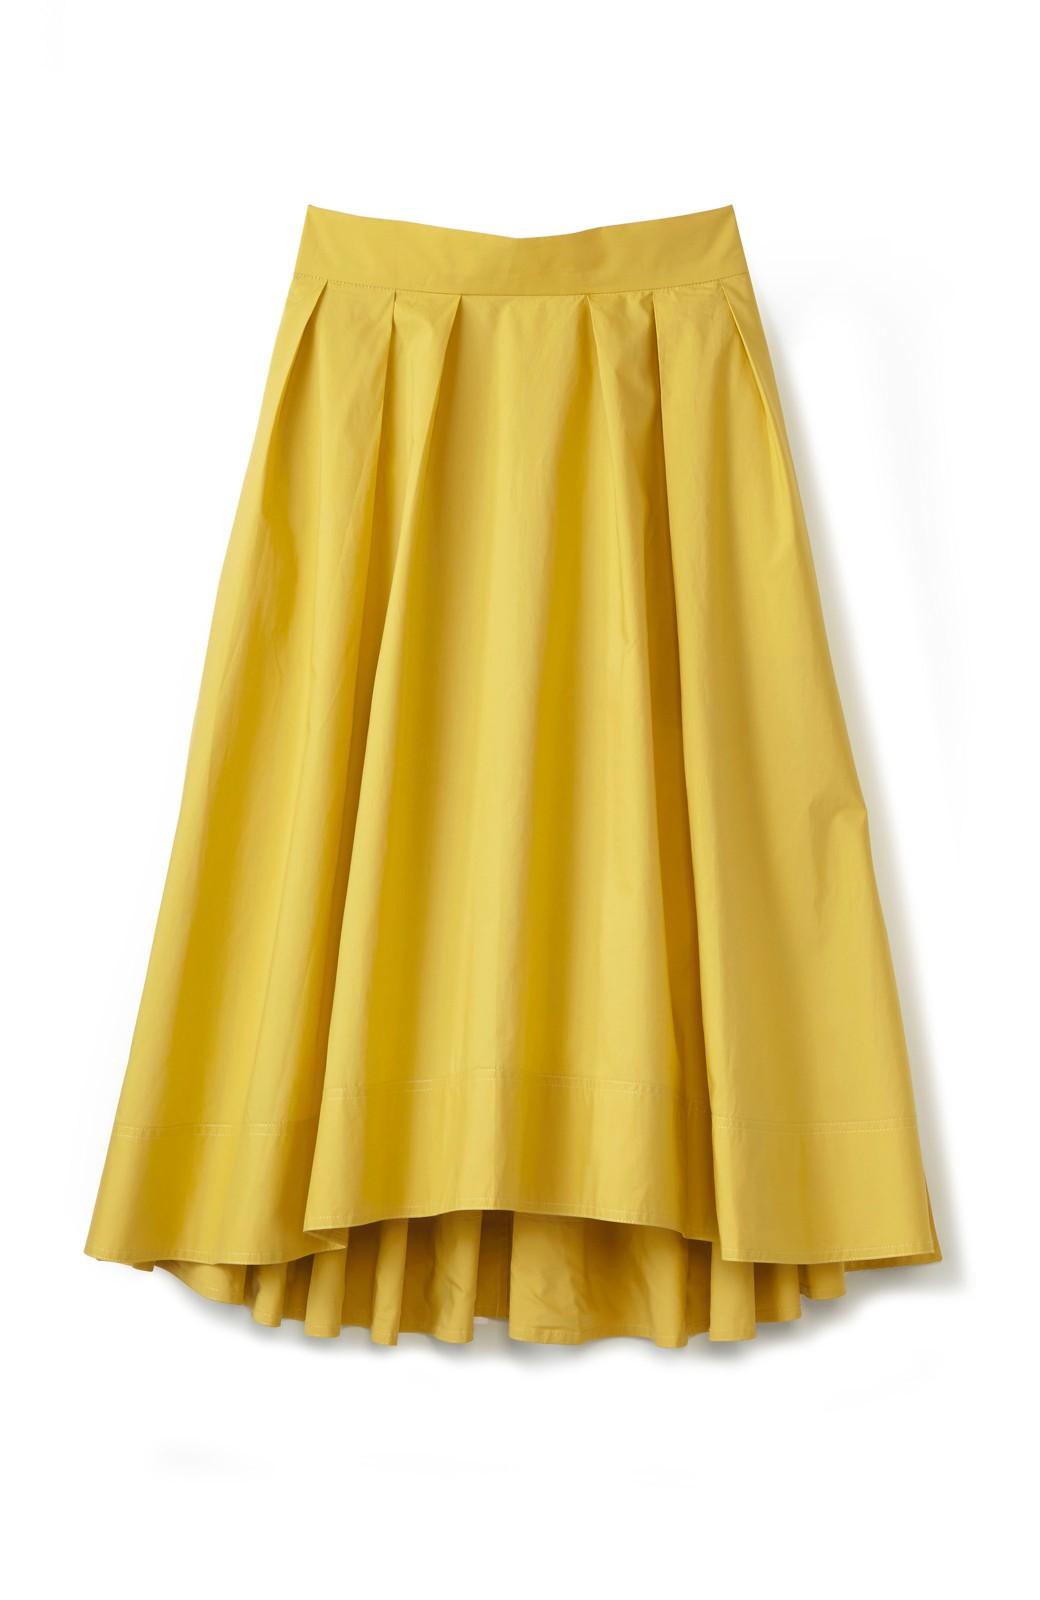 エムトロワ きれい色のイレギュラーヘムスカート <イエロー>の商品写真1